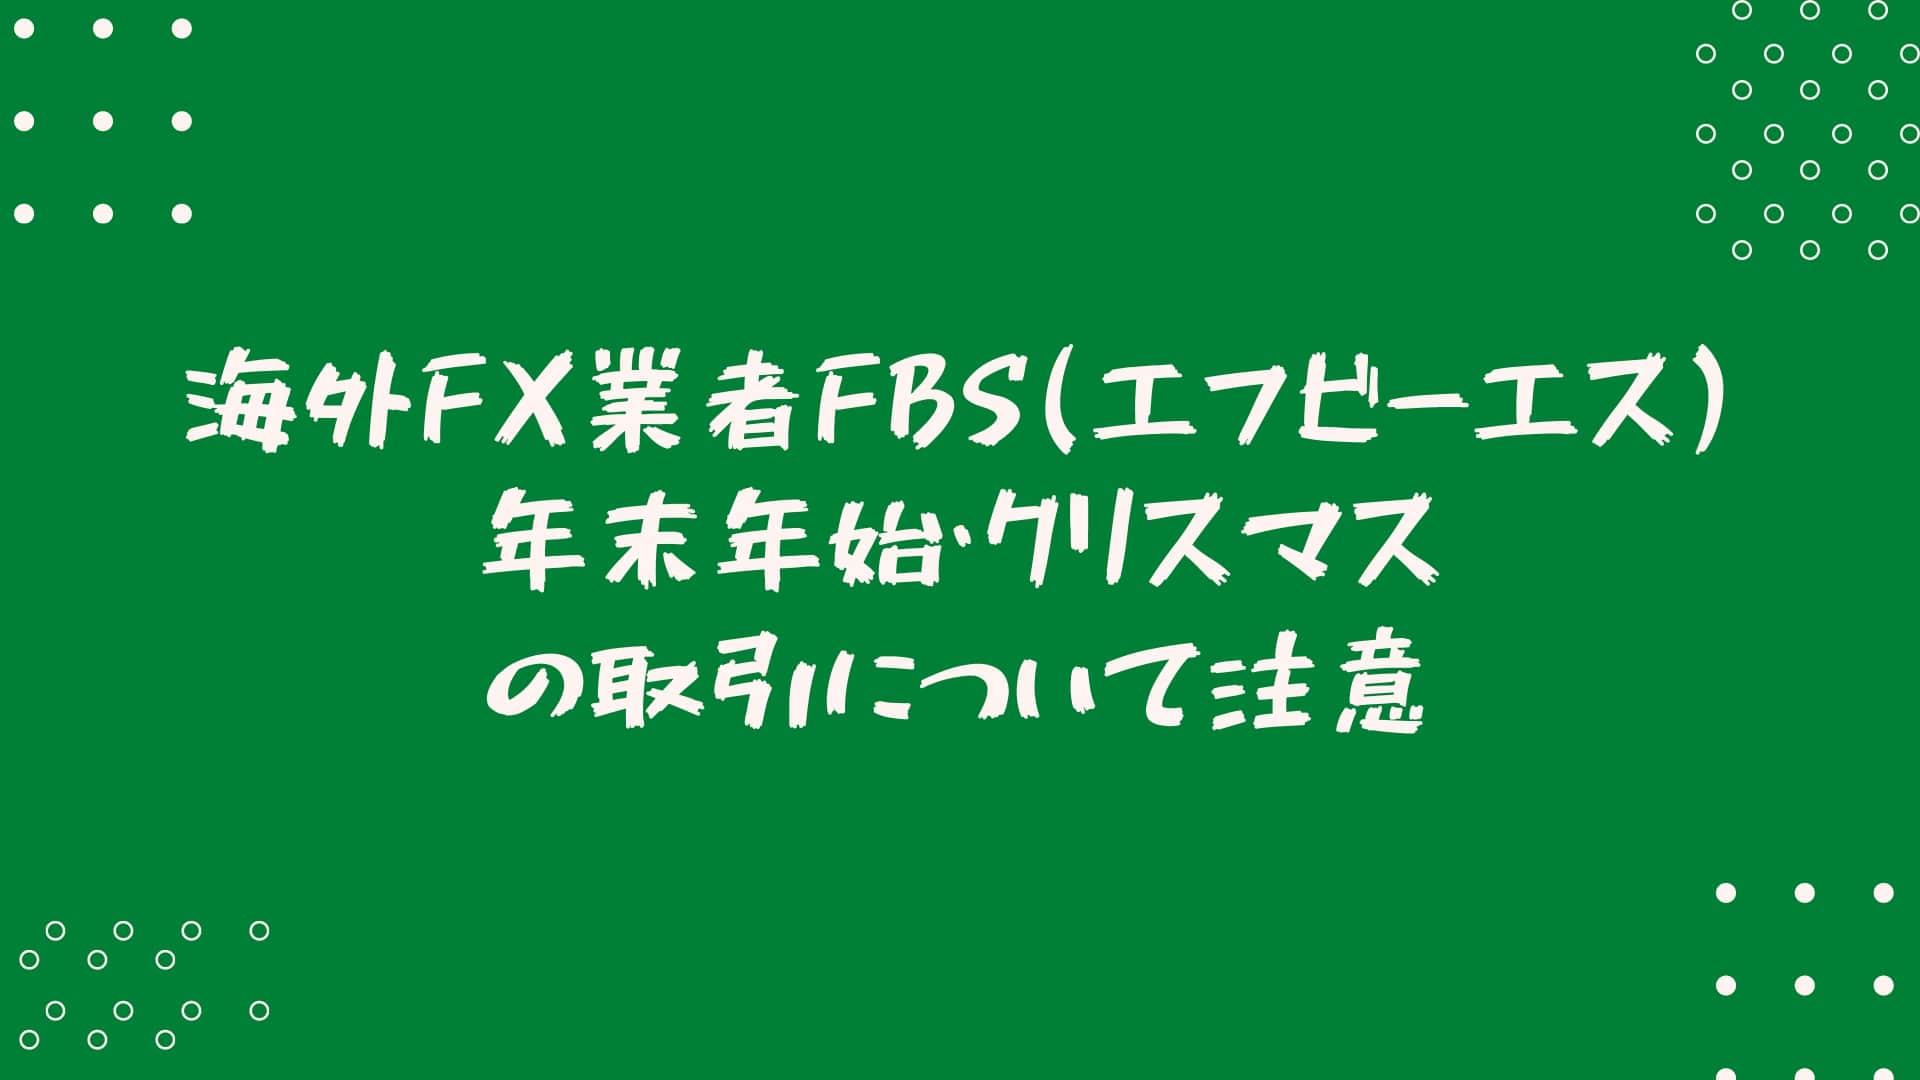 海外FX業者FBS(エフビーエス)年末年始・クリスマスの取引について注意